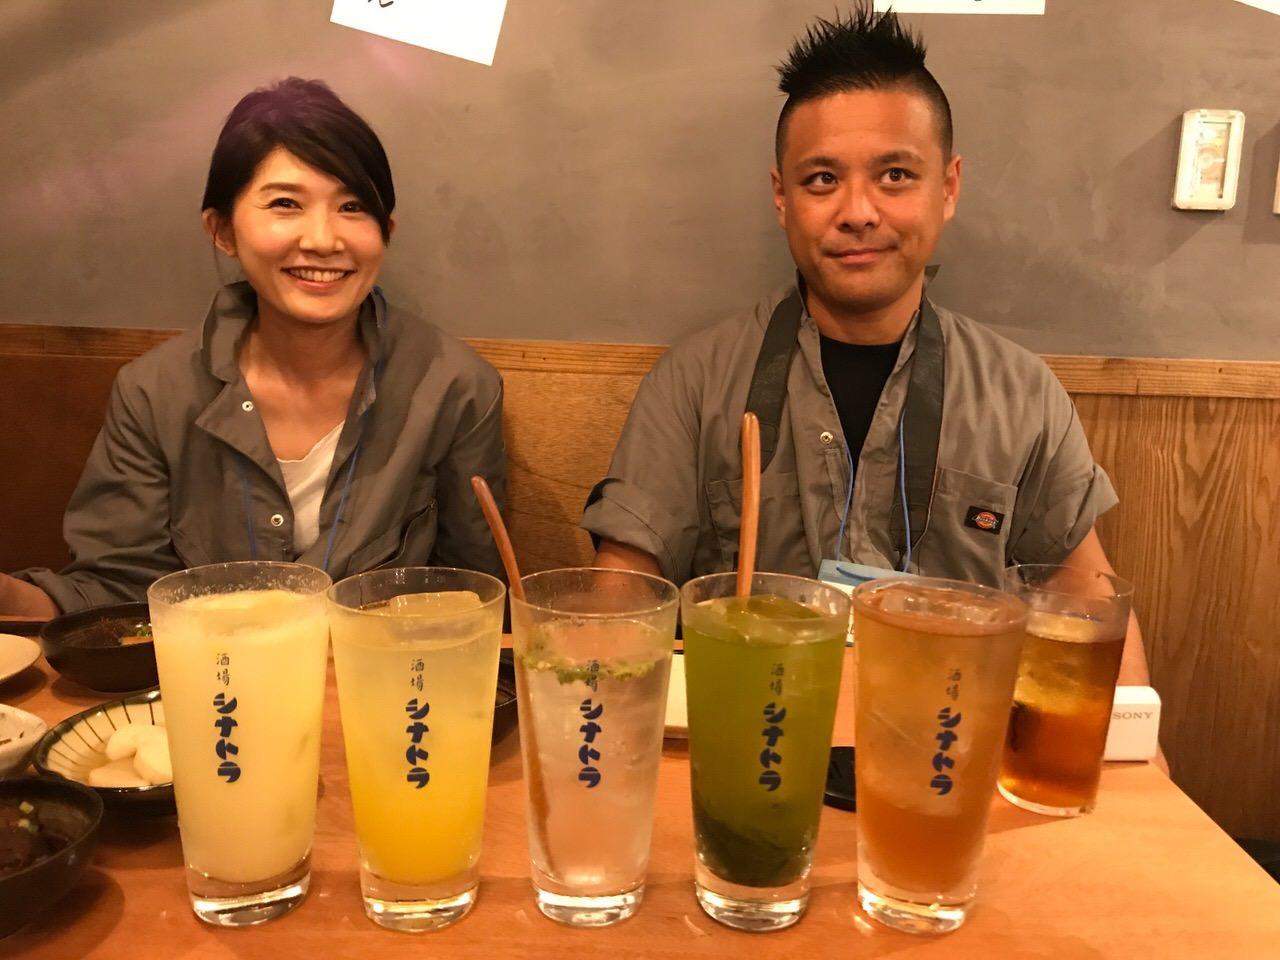 「酒場シナトラ 東京駅店」旬の食材が美味い赤星の呑める良き酒場【東京グルメゾン】